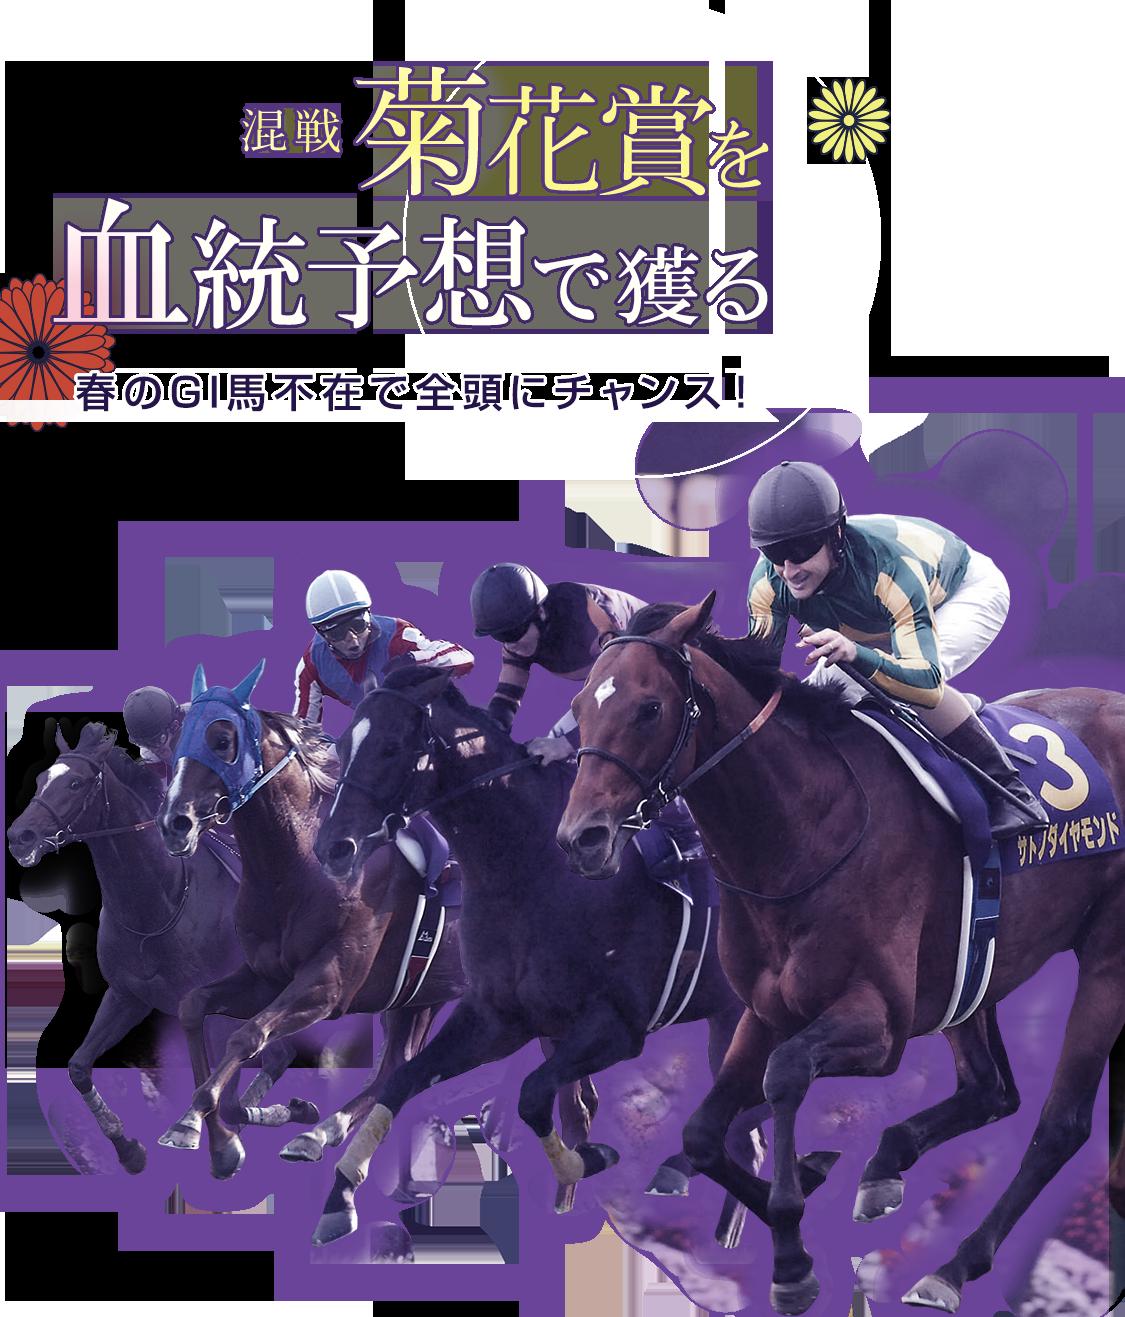 混戦 菊花賞を血統予想で獲る 春のG1馬不在で全頭にチャンス!